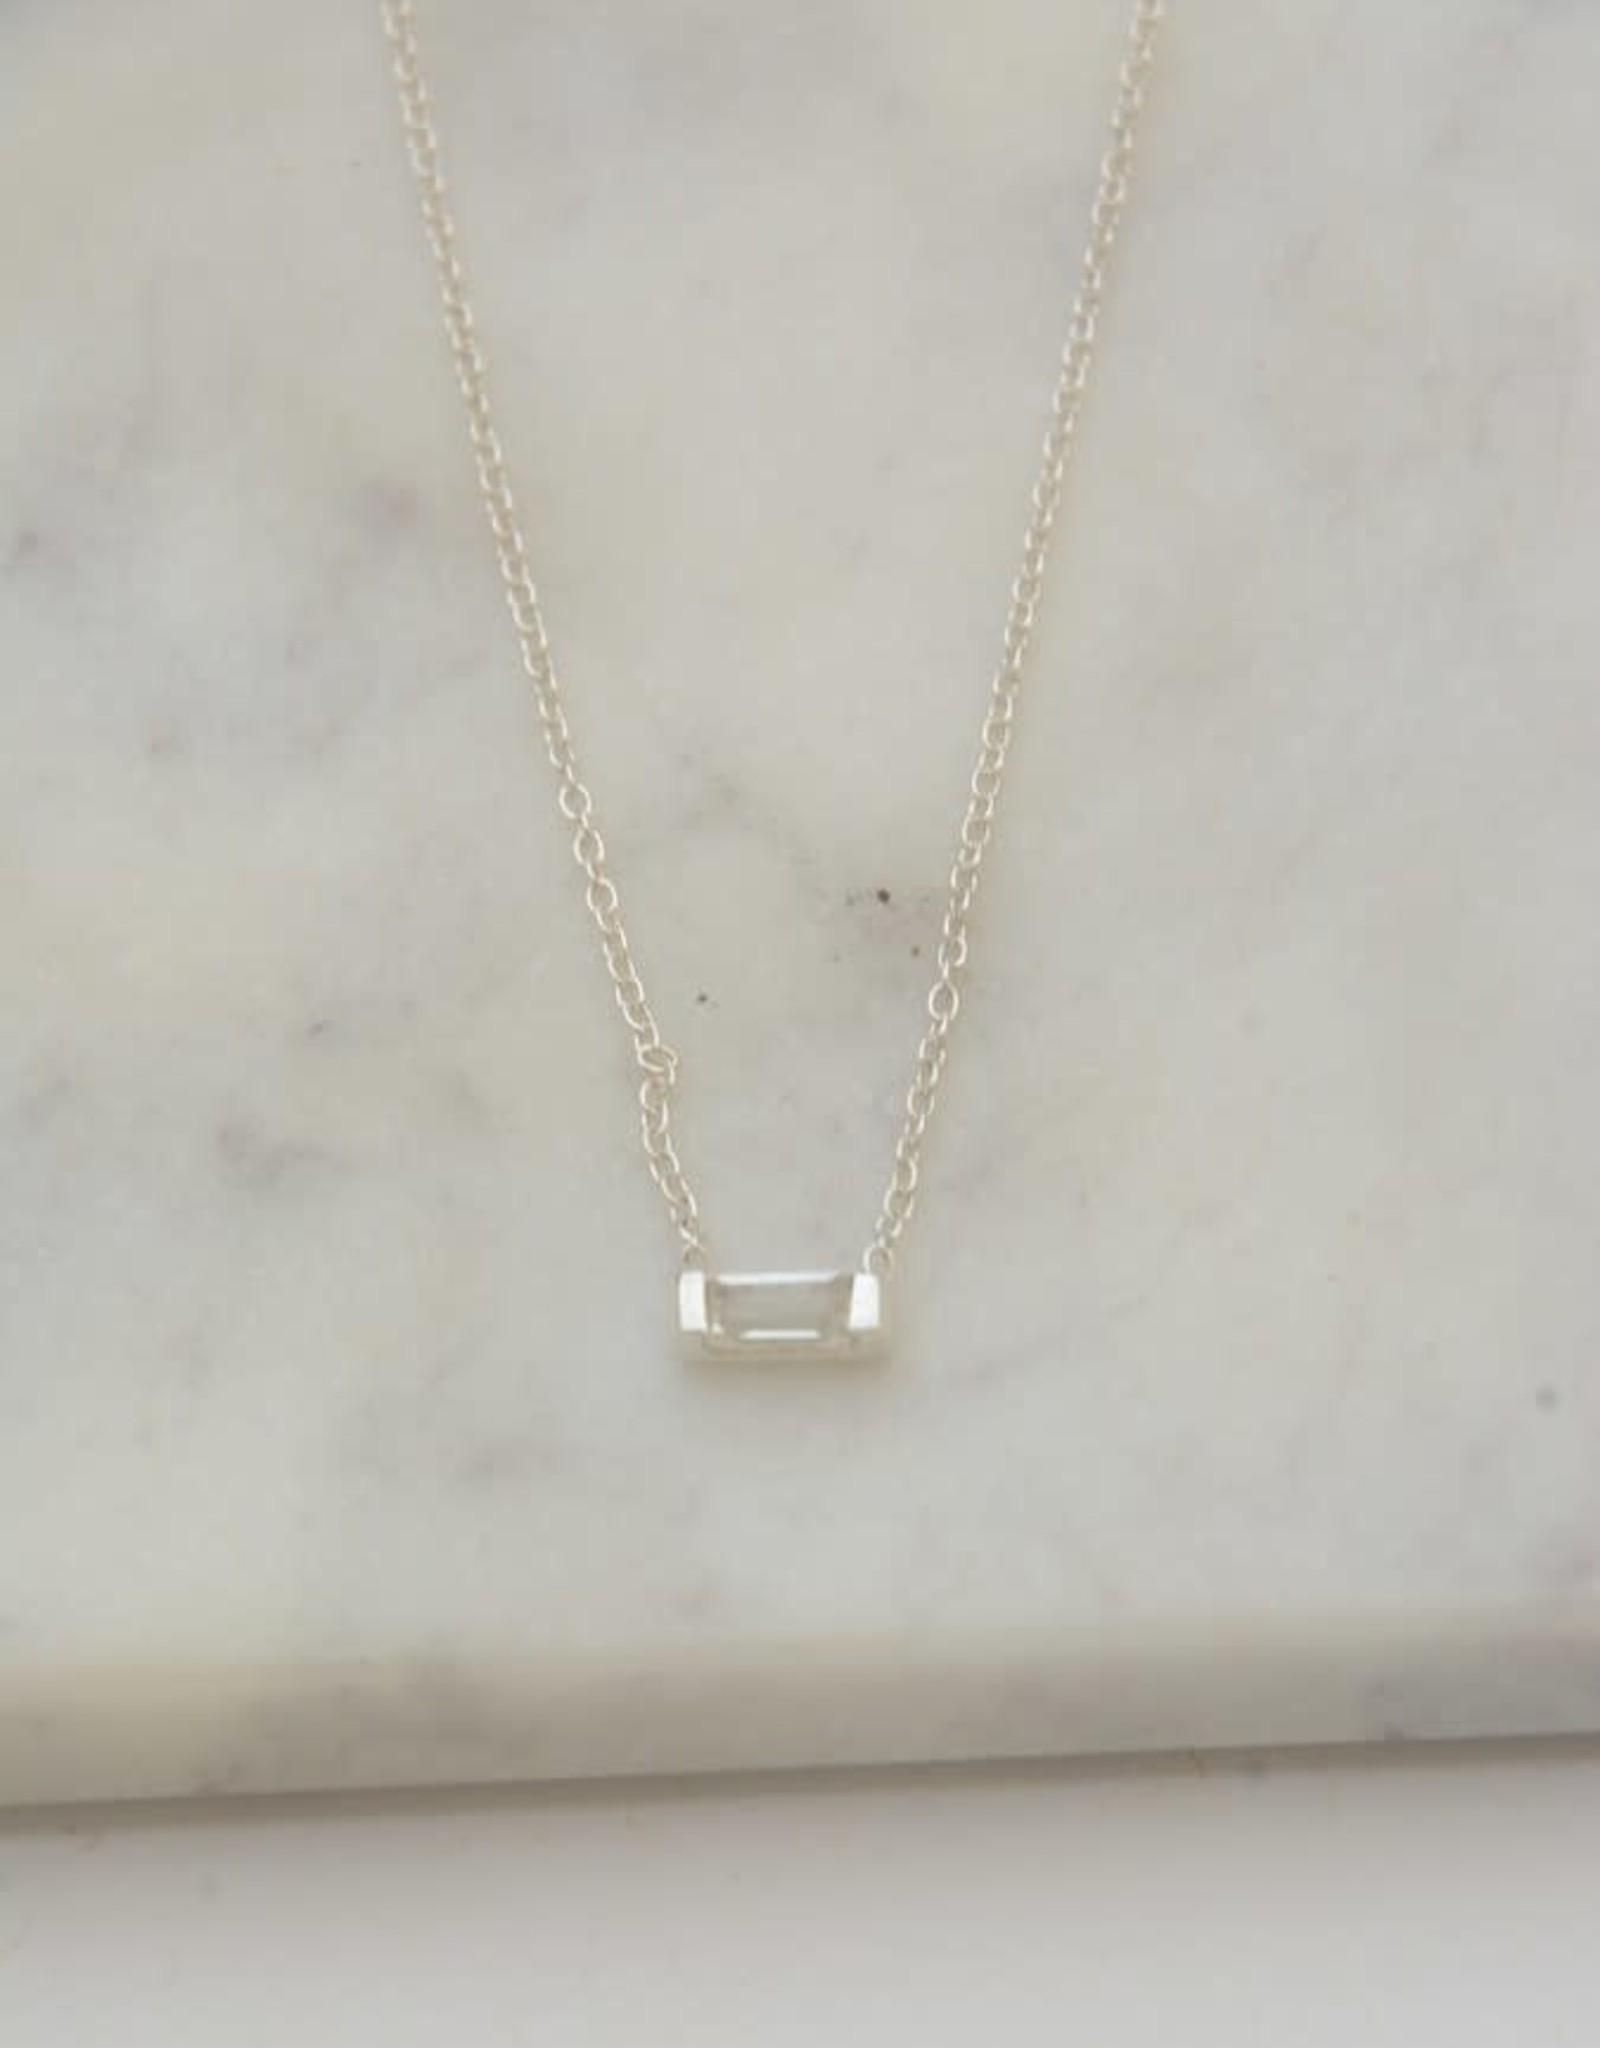 Prism Sterling Necklace - Crystal